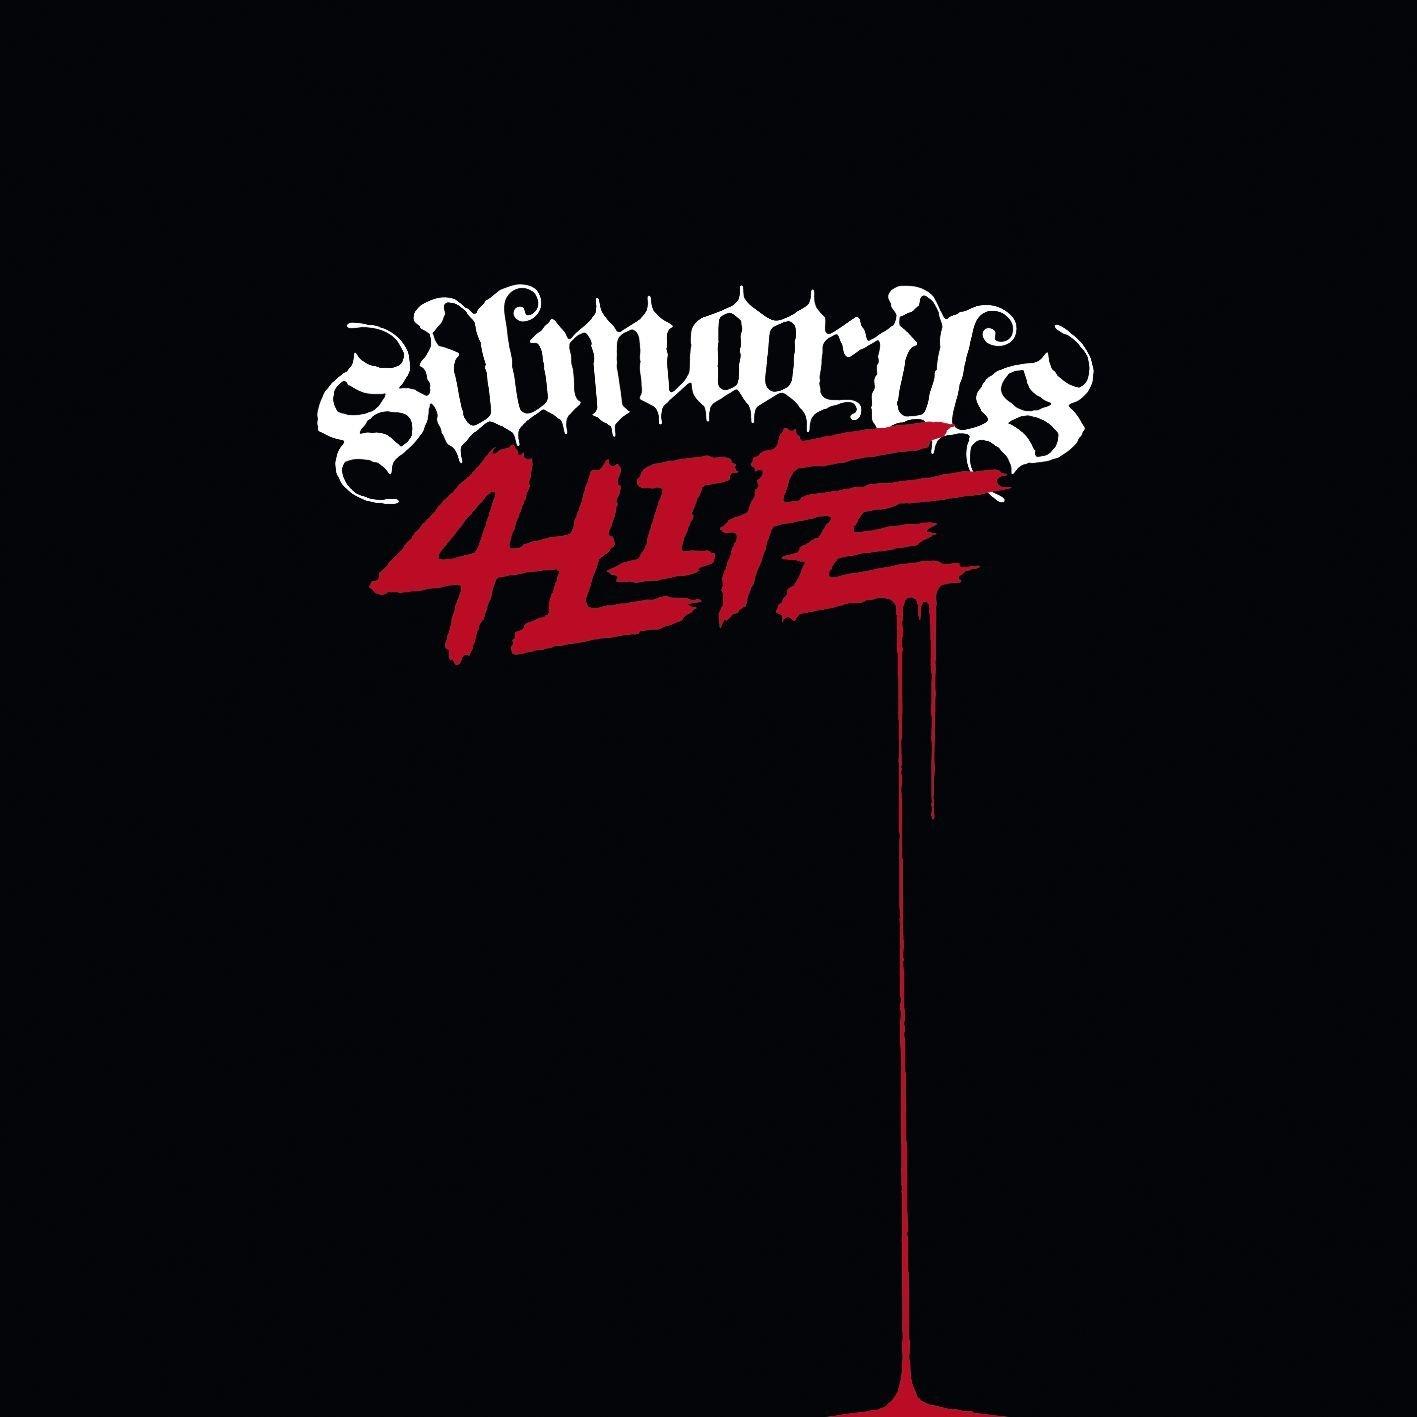 Silmarils, 4Life